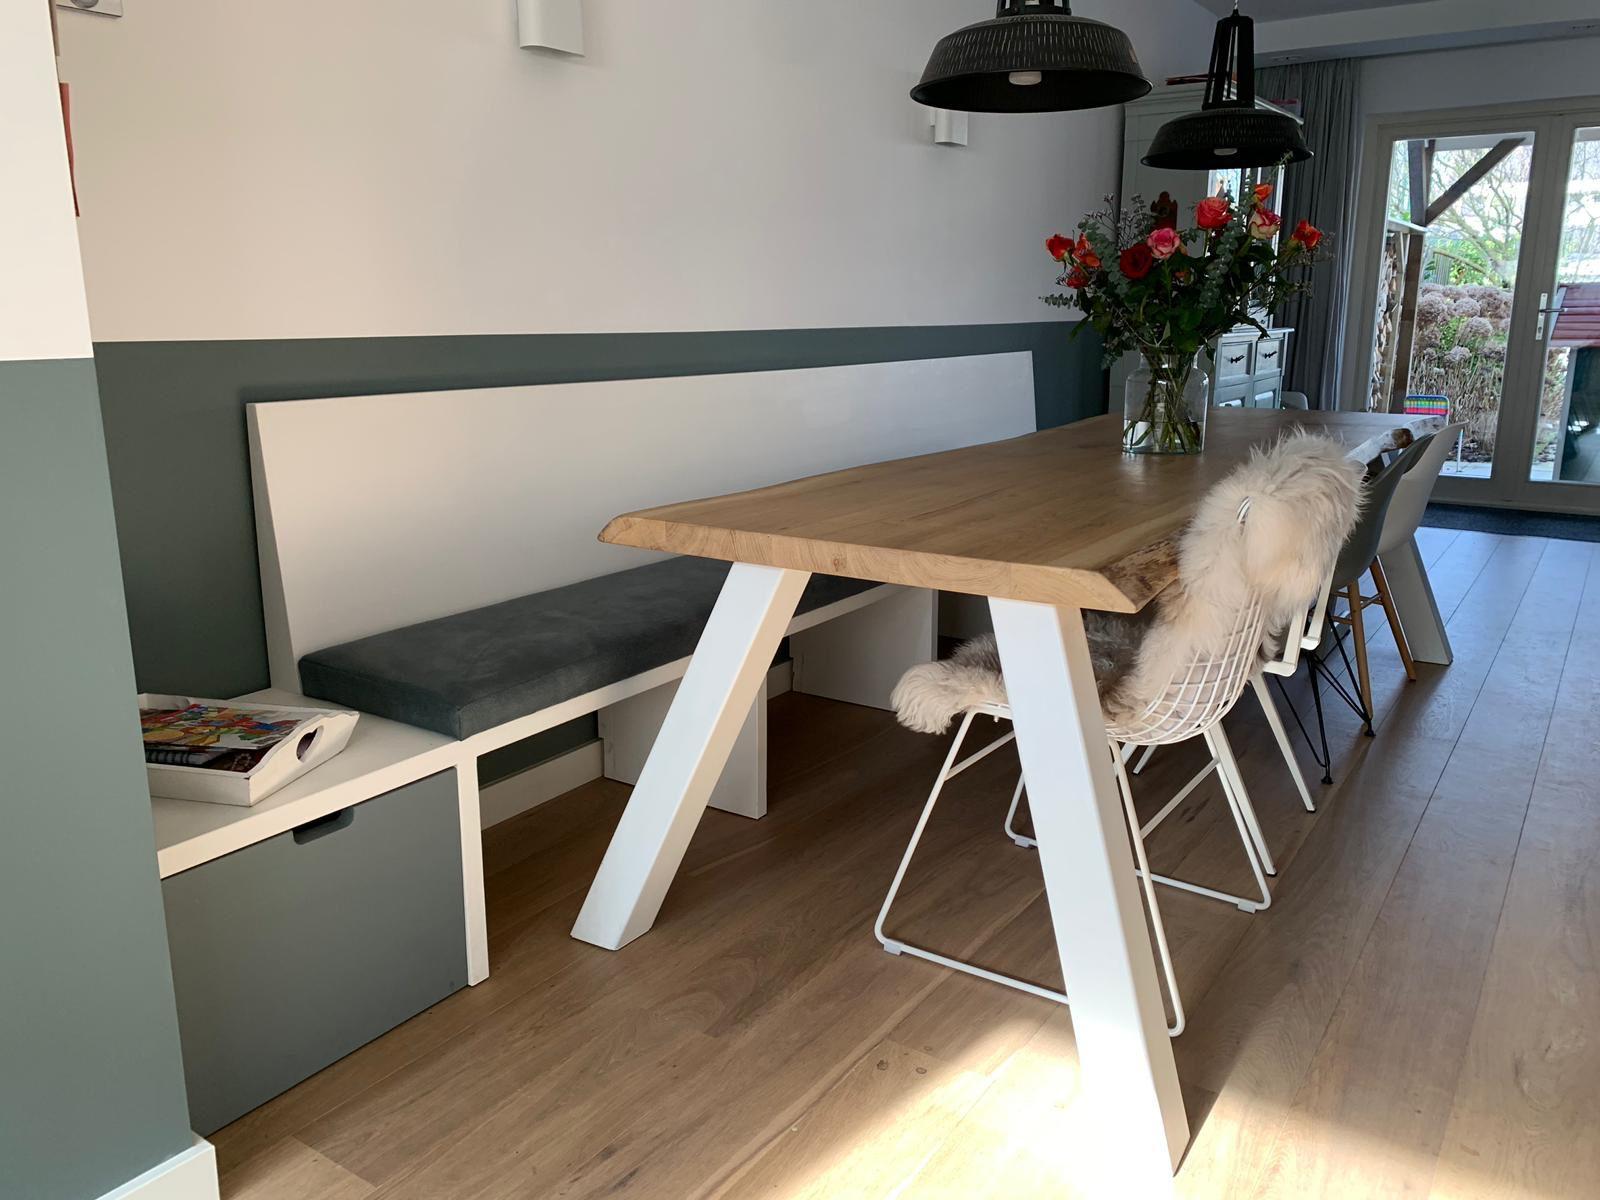 Design Eettafel Bank.Eettafel Bank Strak Scandinavisch Design Kantoorinrichting